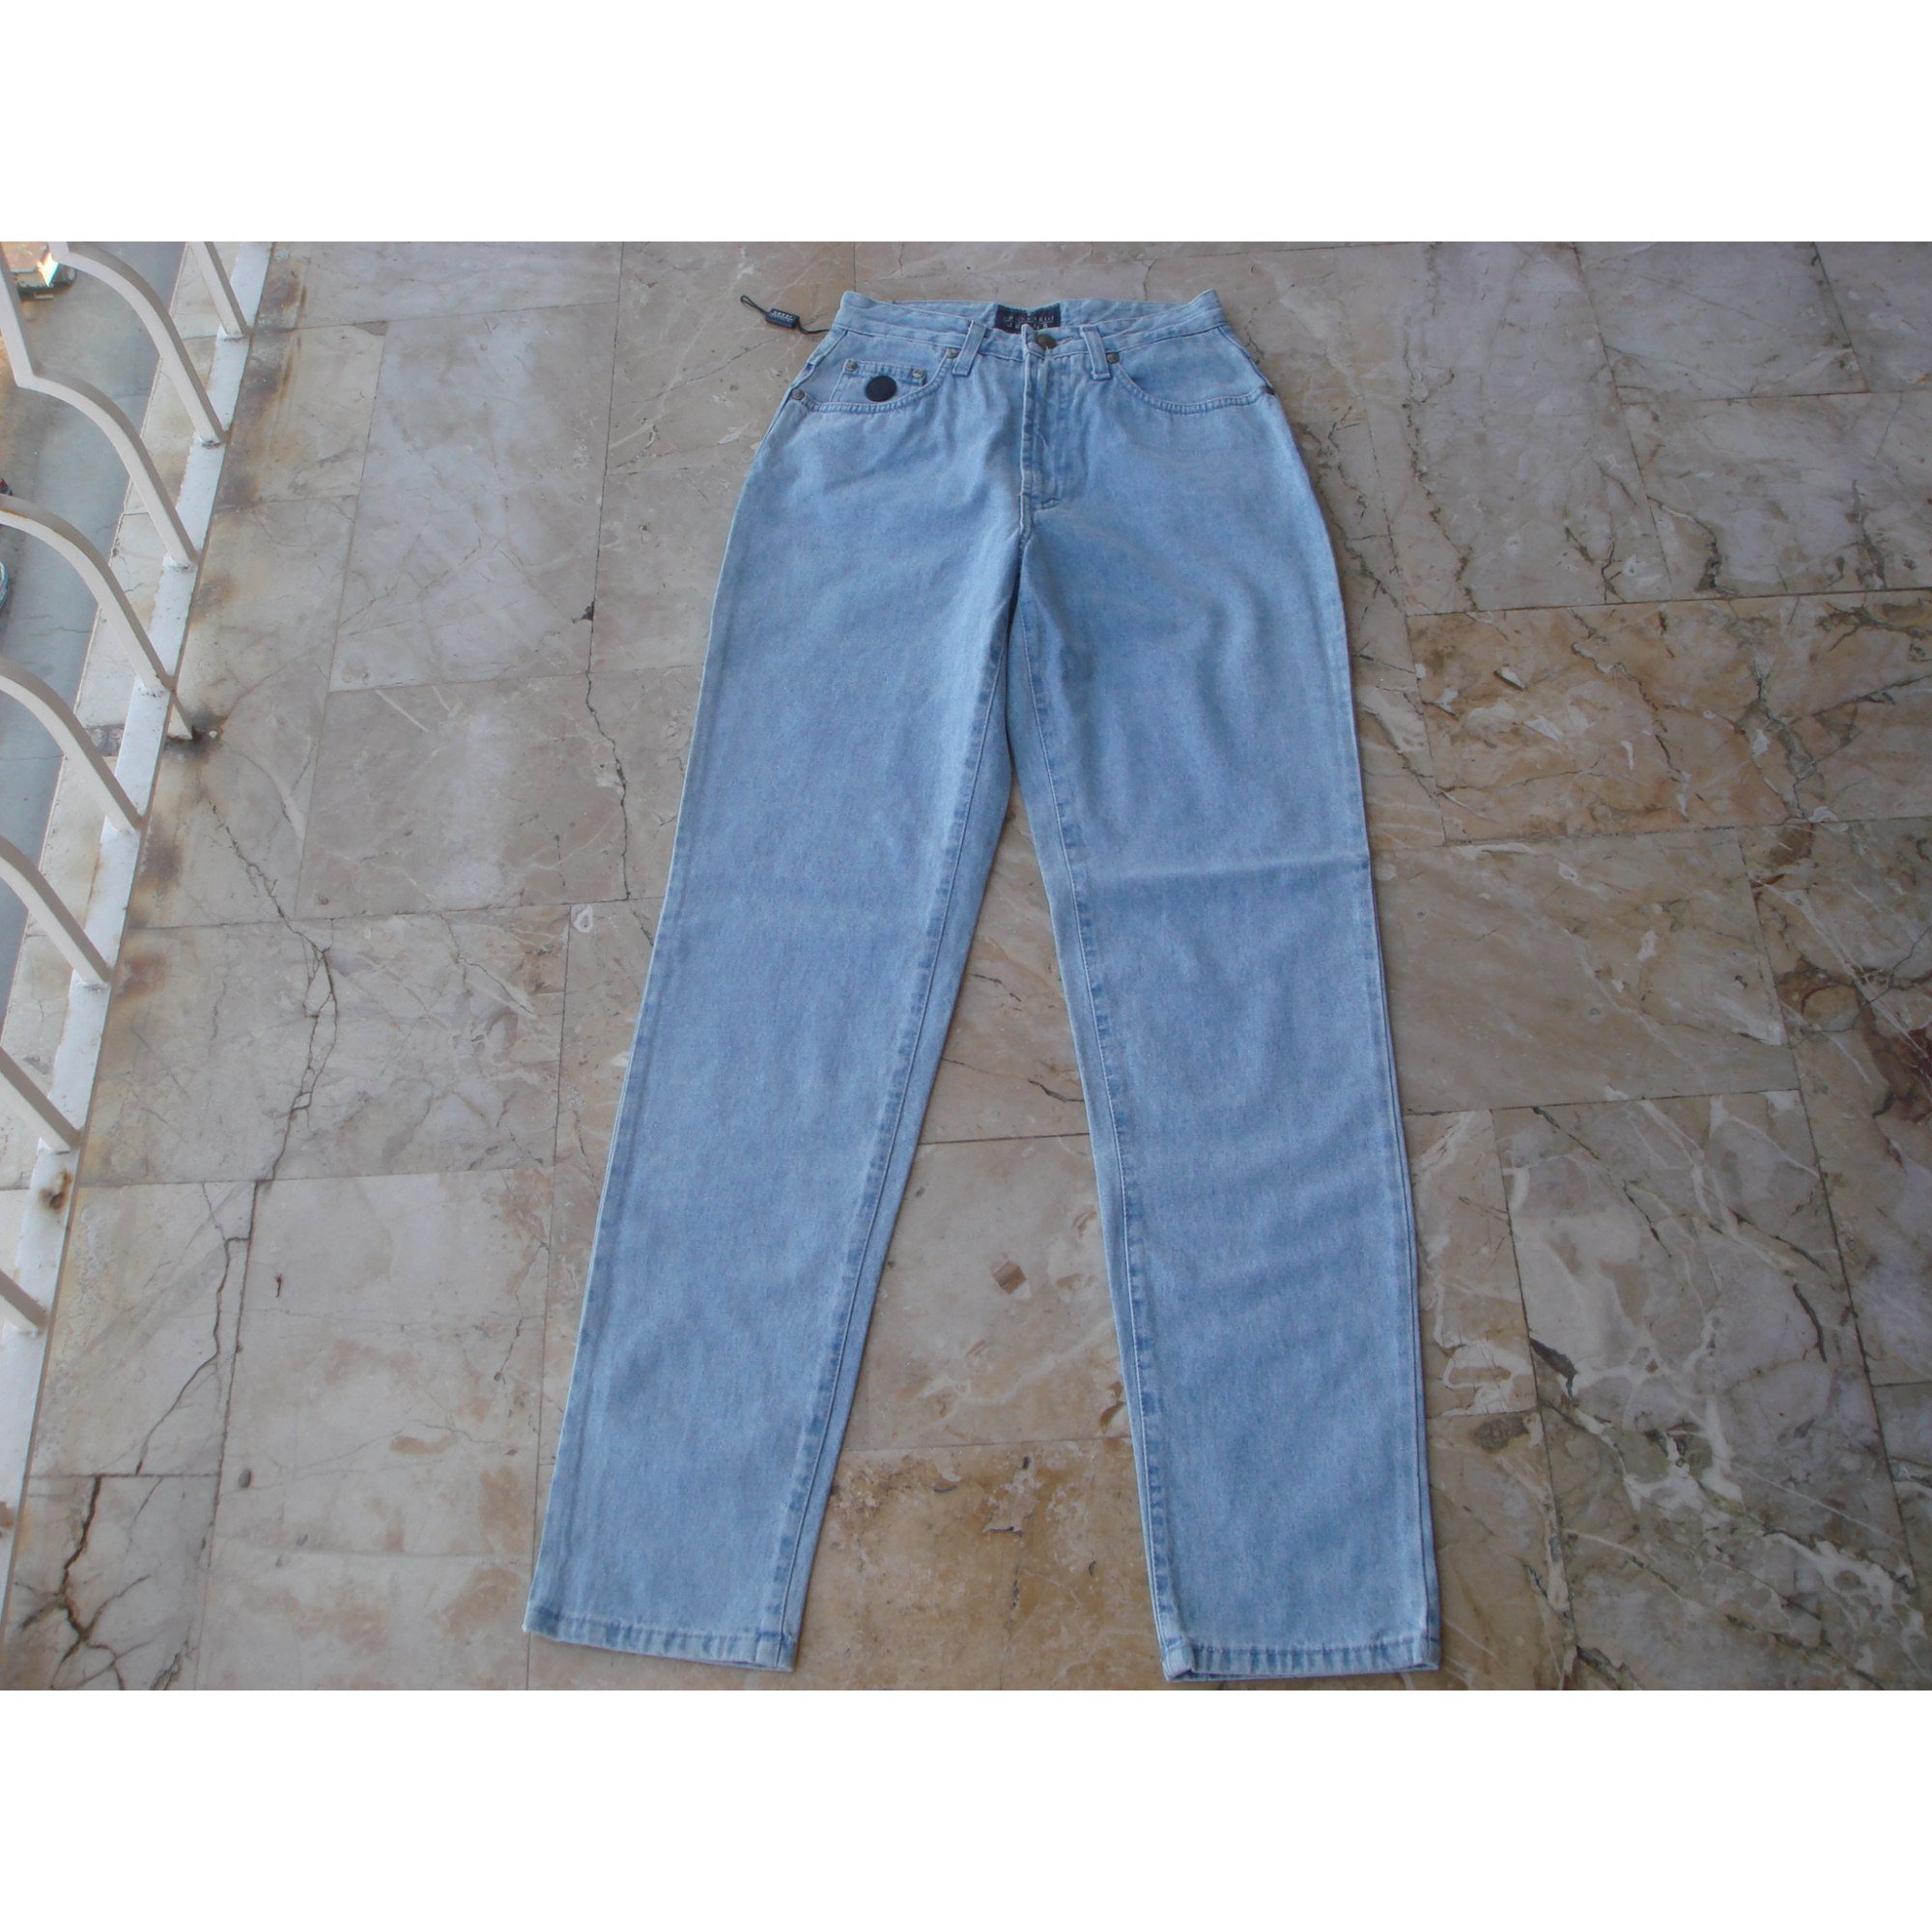 http   www.dealeuse.fr jeeji-propellent 11-Motif Jupe Veste amp ... 12627b87a6e